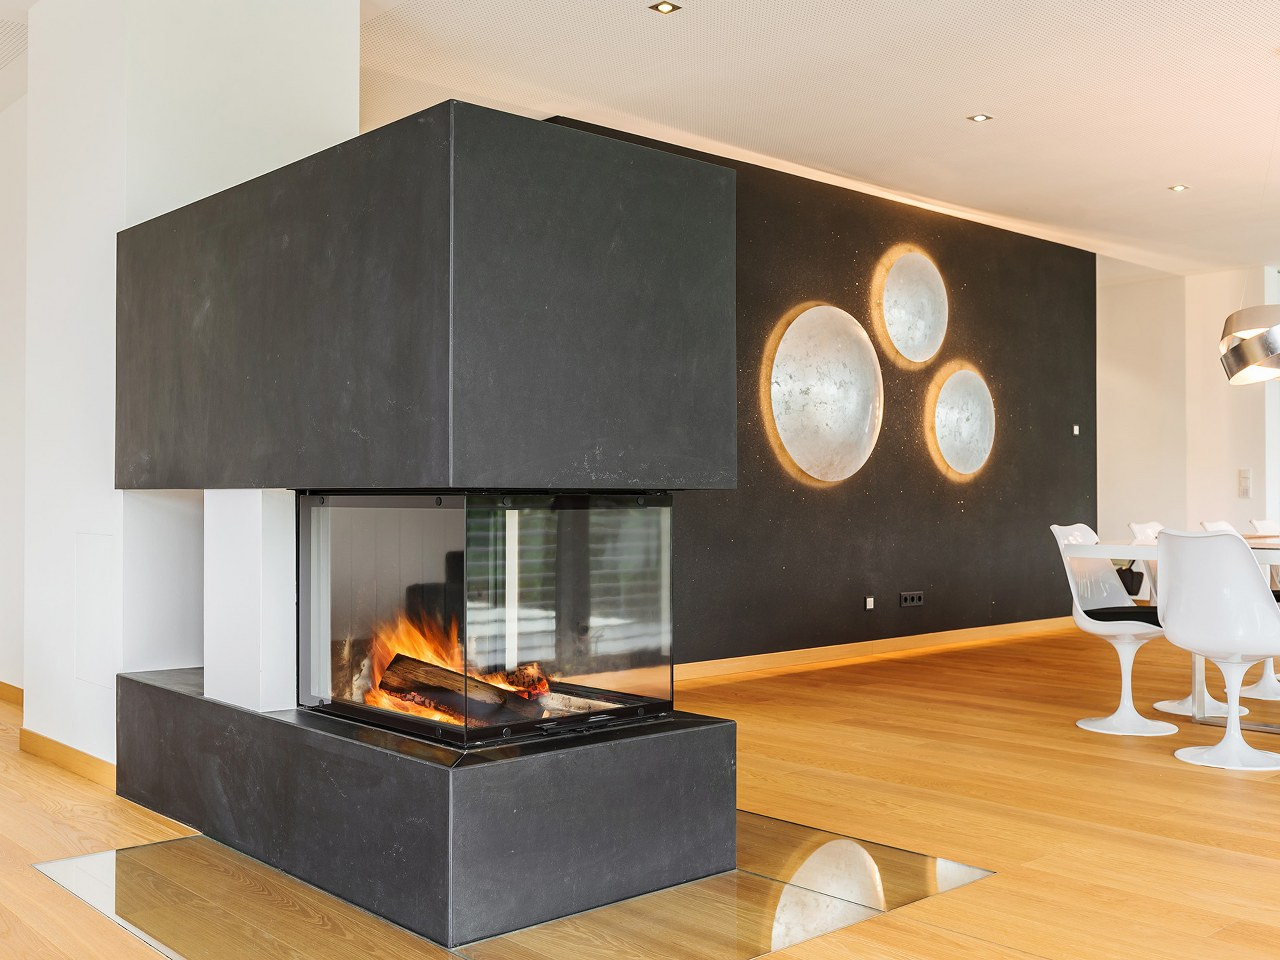 Design Kamin Raumtrenner Wohnzimmer Esszimmer Essen Hilpert